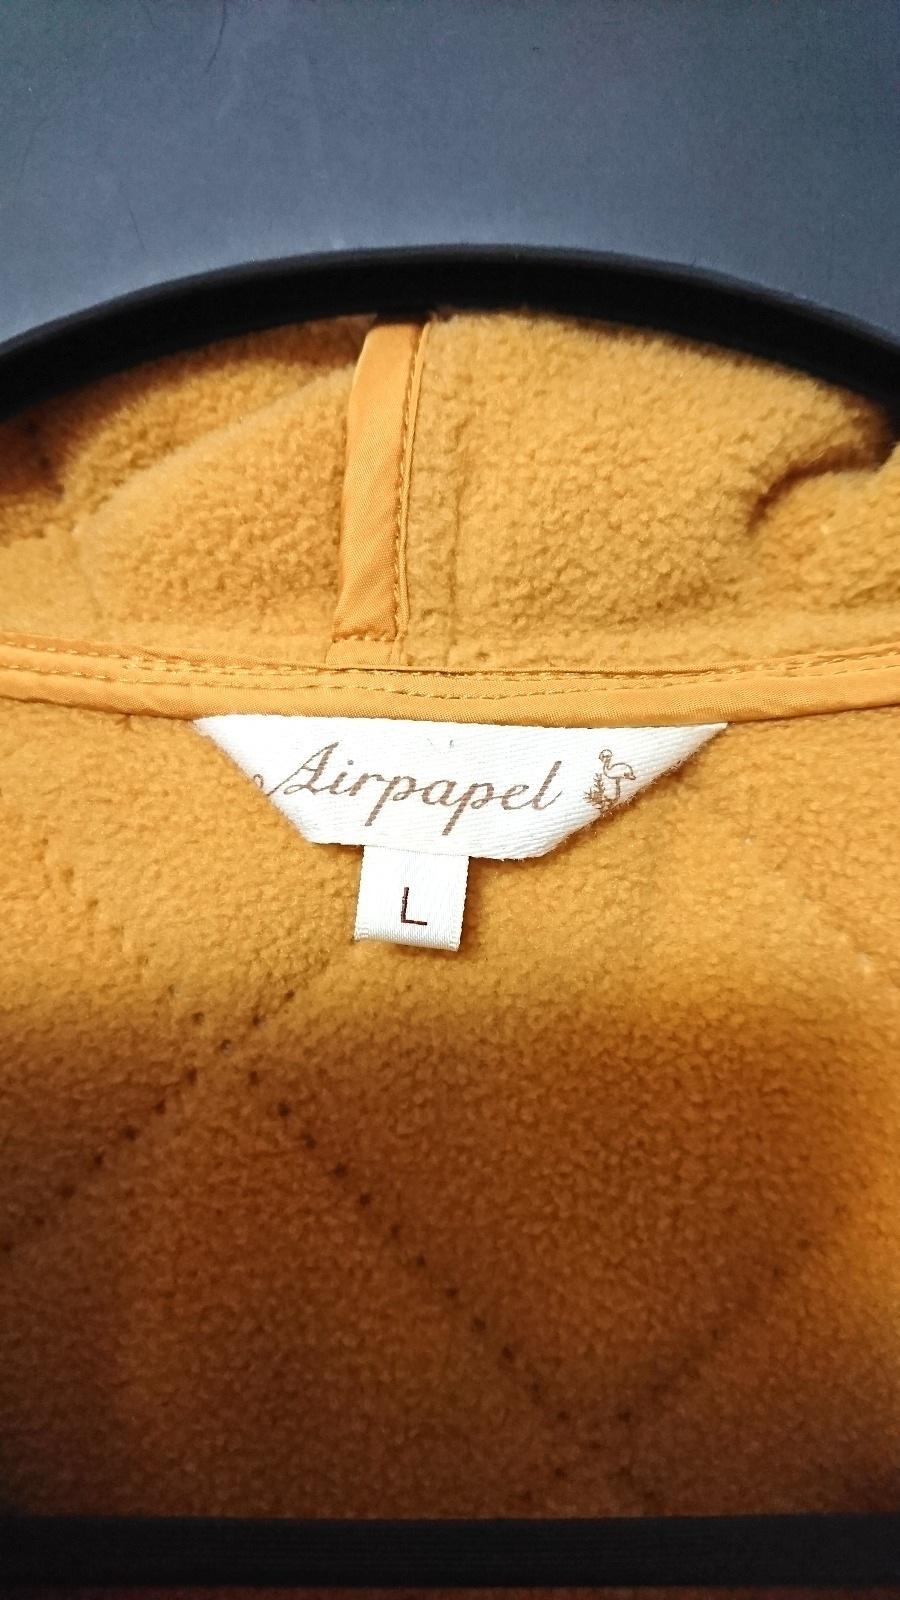 AIRPAPEL(エアパペル)のコート